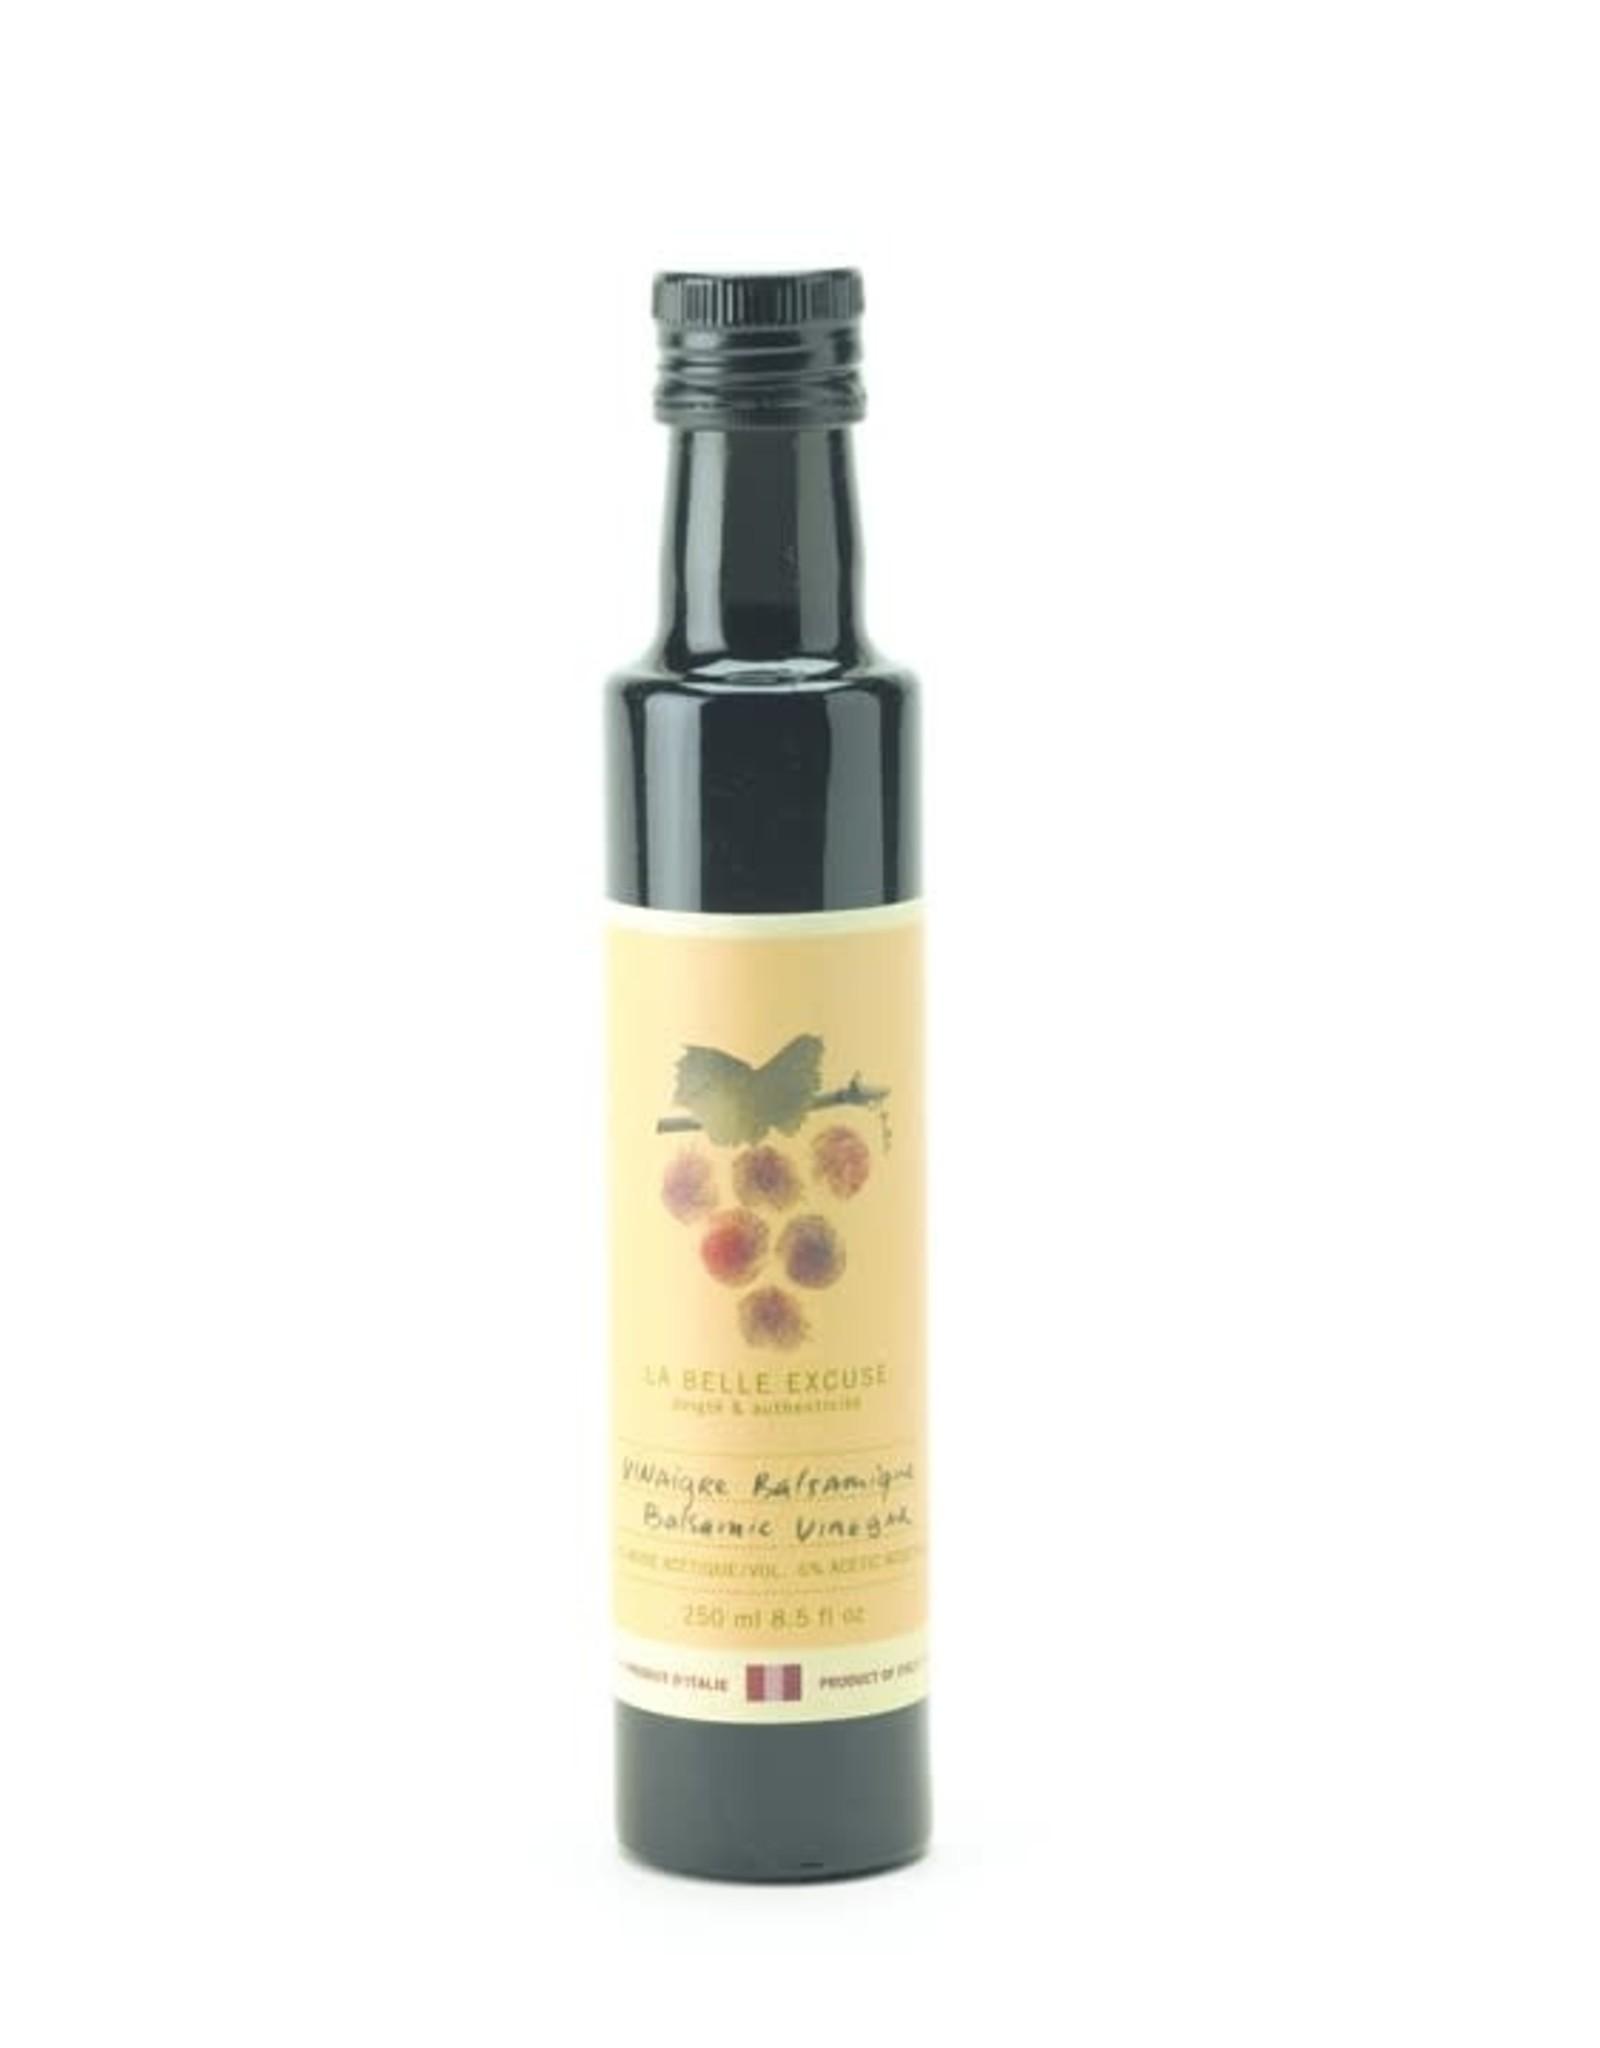 La Belle Excuse Vinaigre balsamique tradionnel